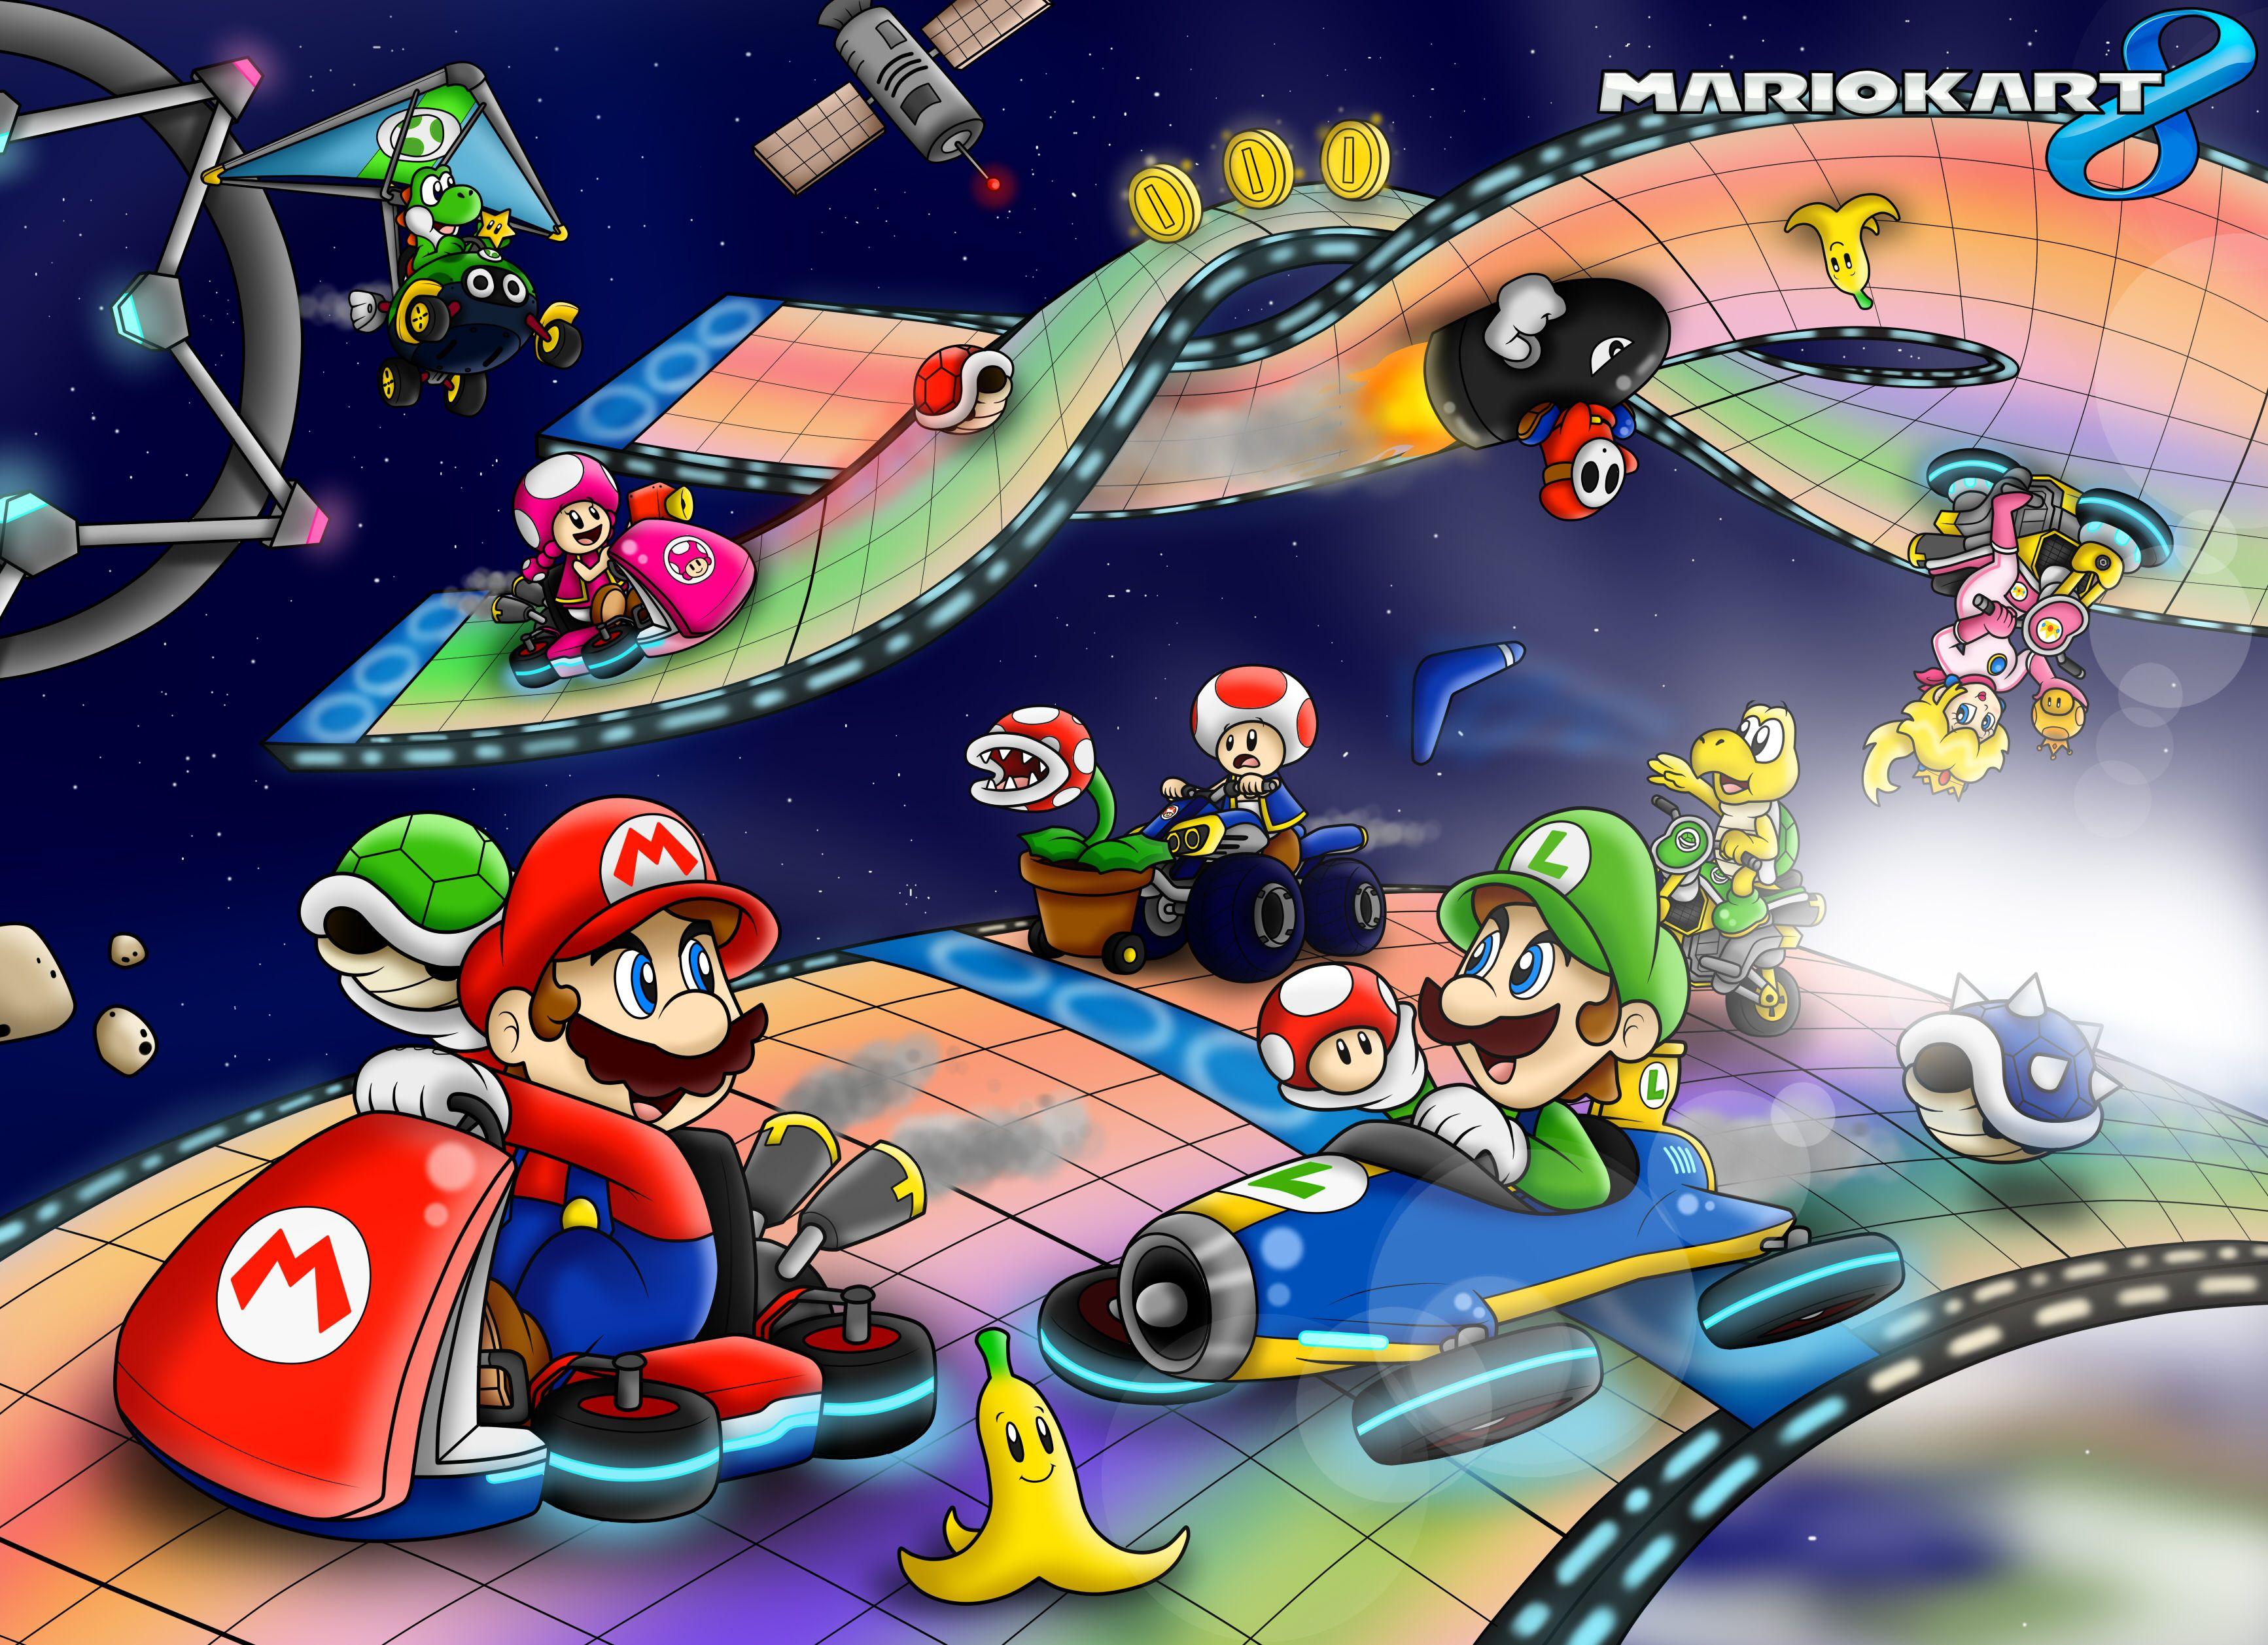 Bullet Bill Mario Ideo Games Simple Background Imagenes De